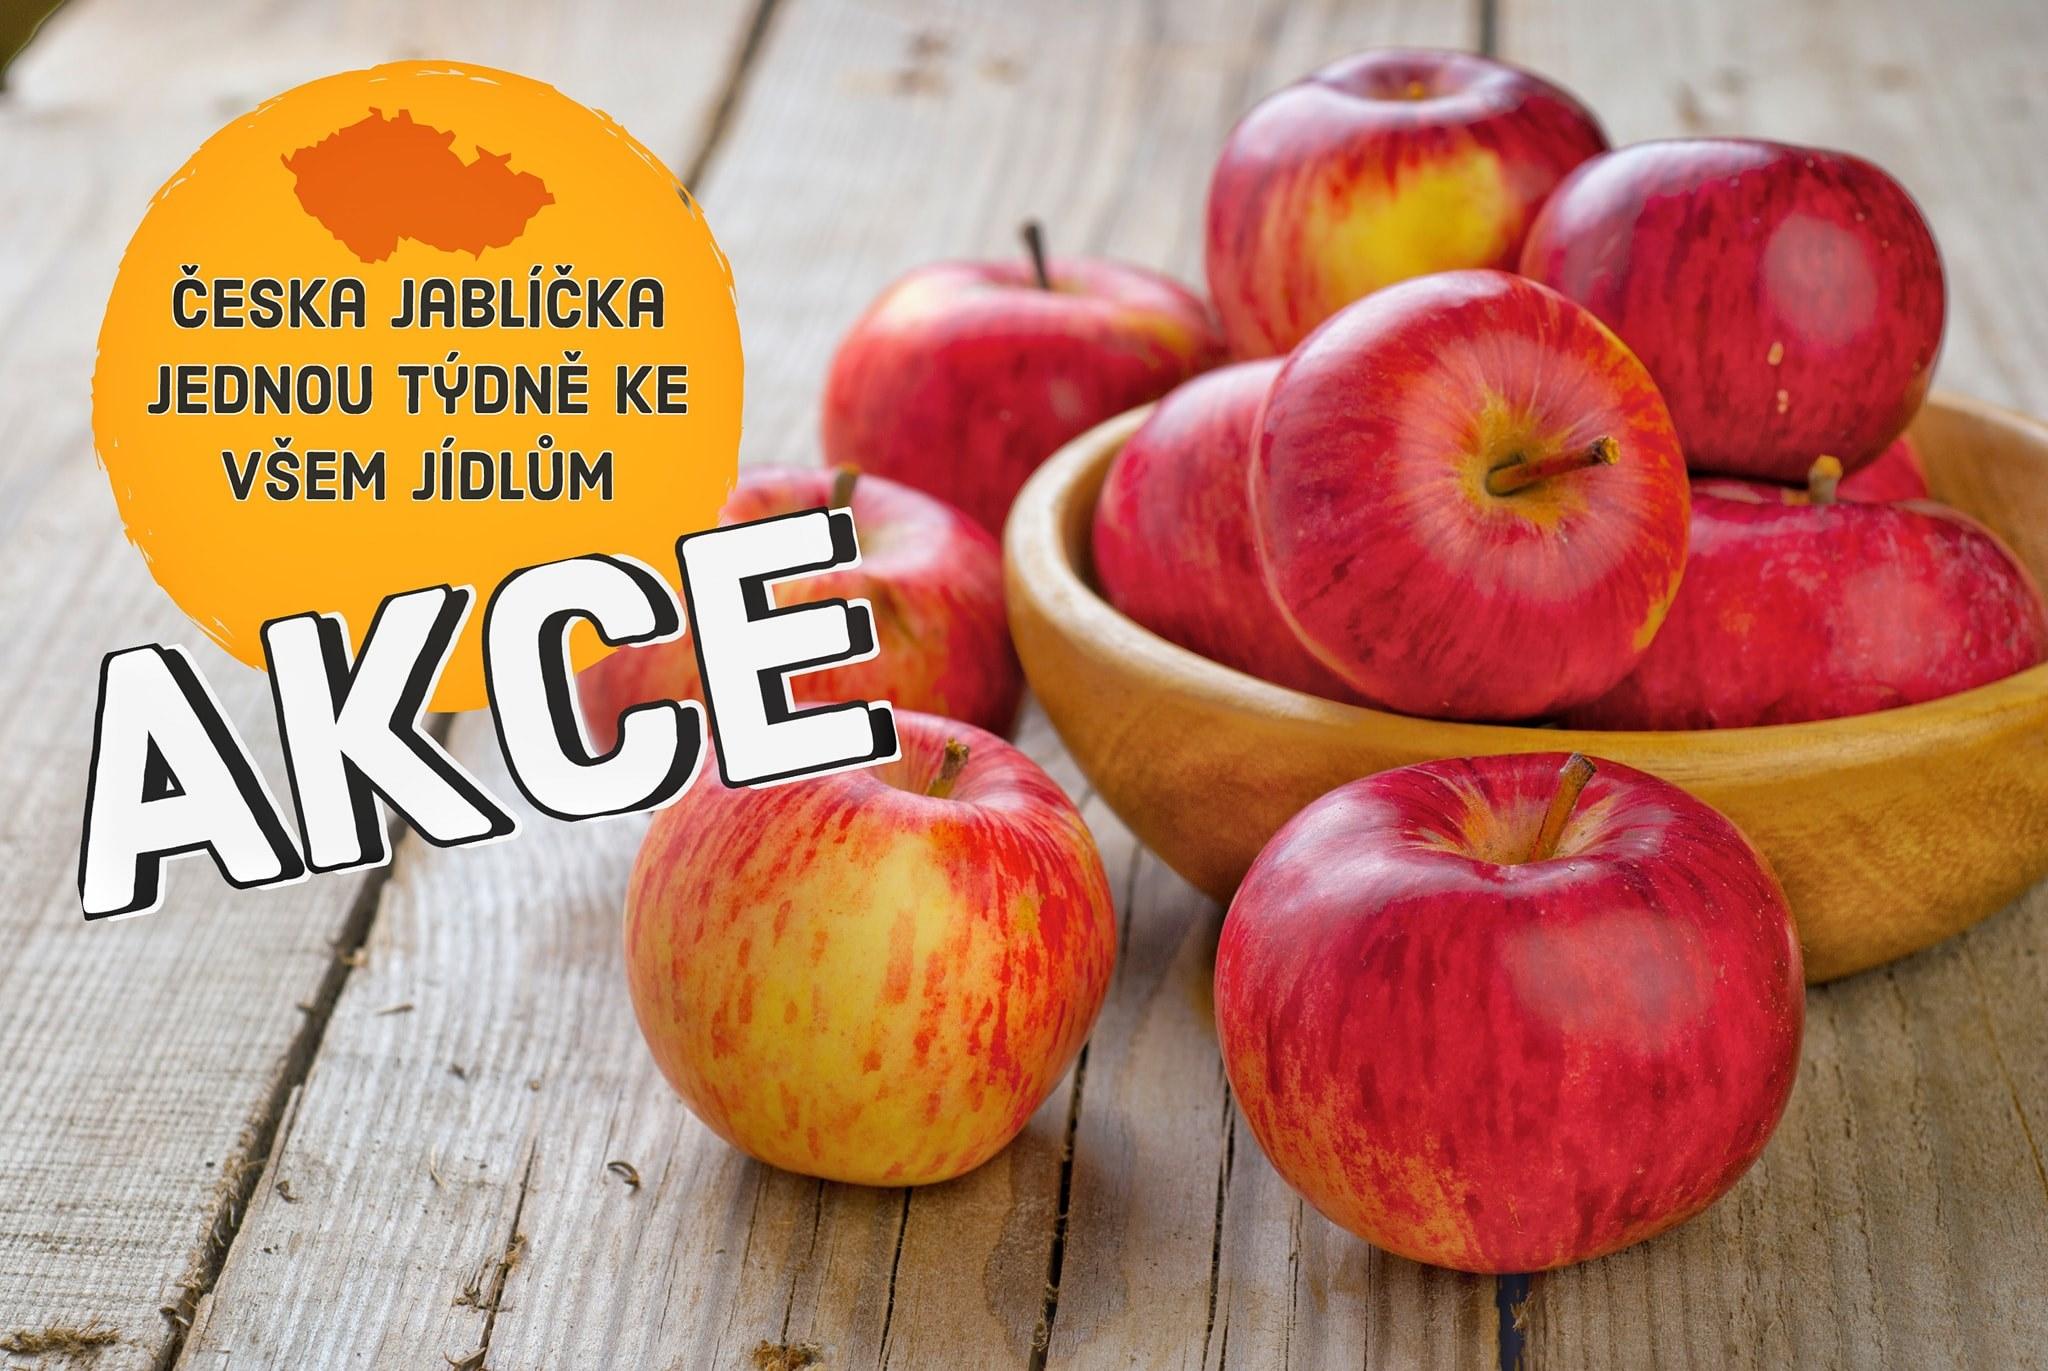 Podporujeme české a moravské zemědělce!